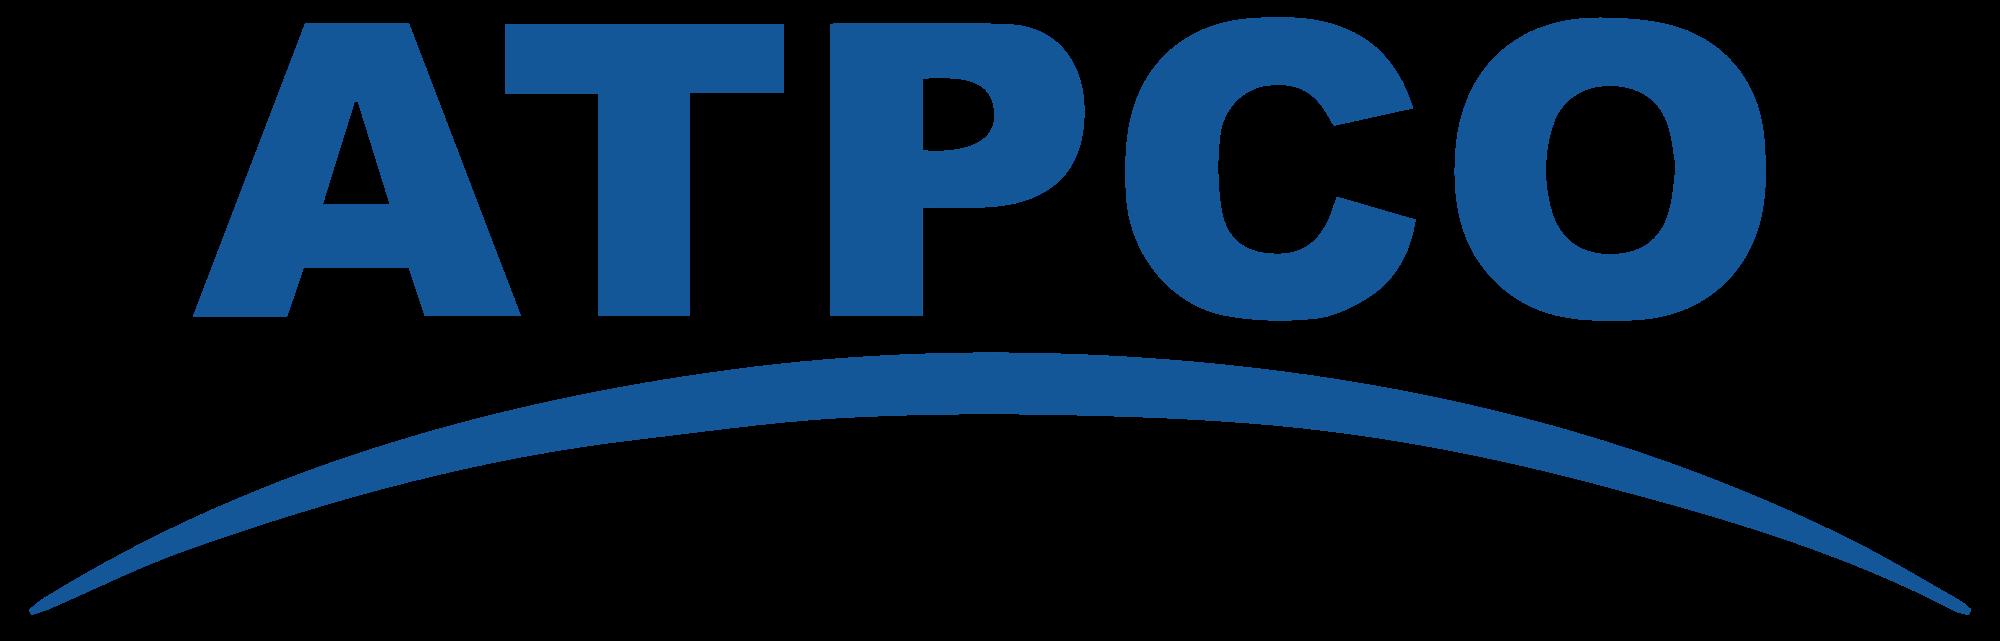 ATPCOLogo.png